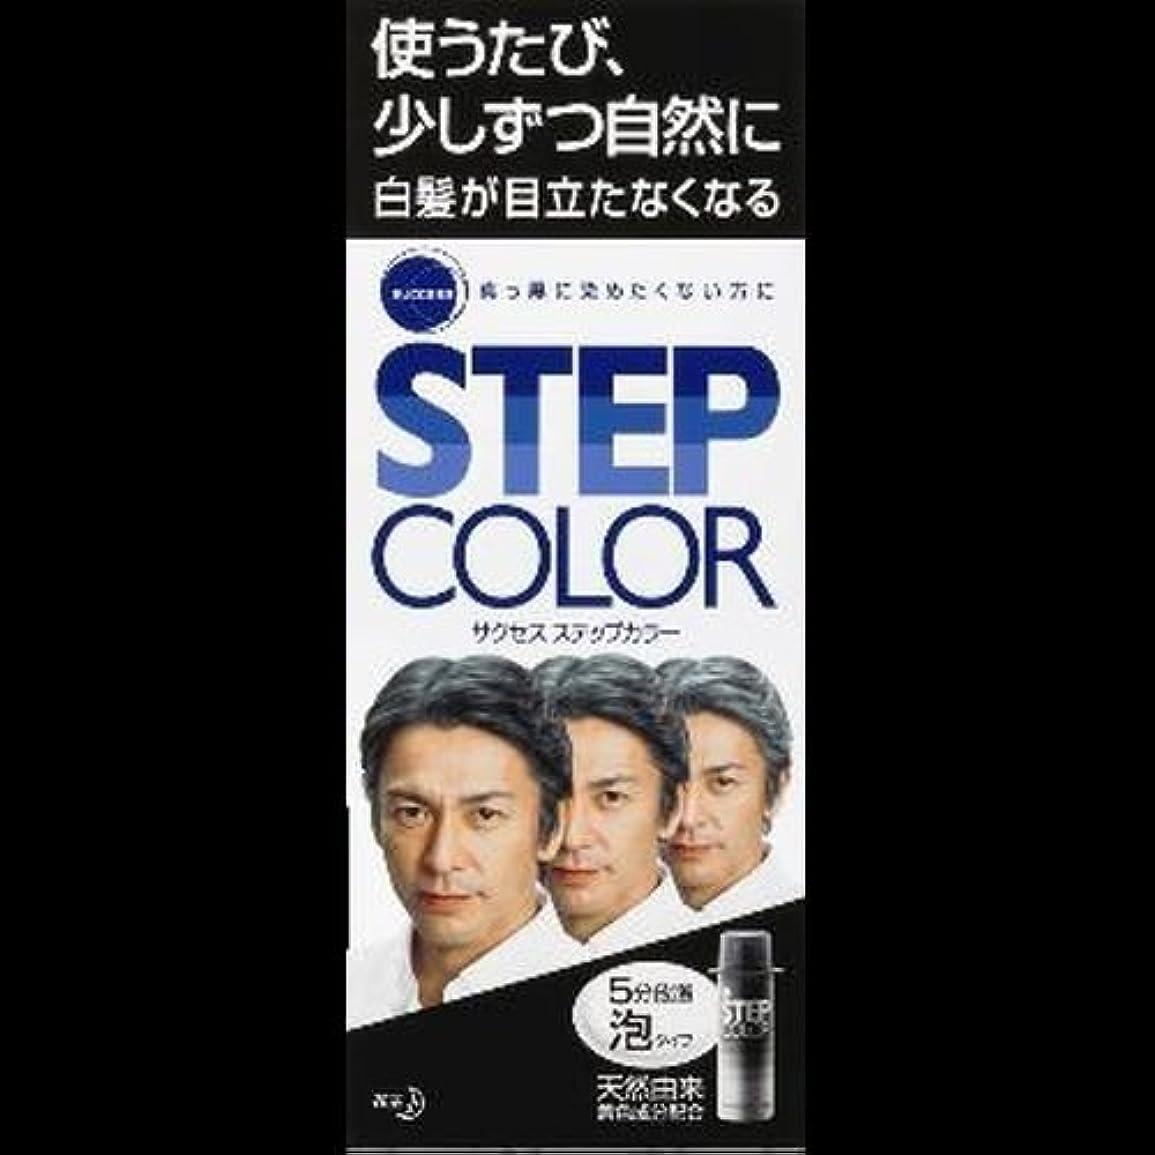 うめき禁止する閉塞【まとめ買い】サクセス ステップカラー 110g ×2セット